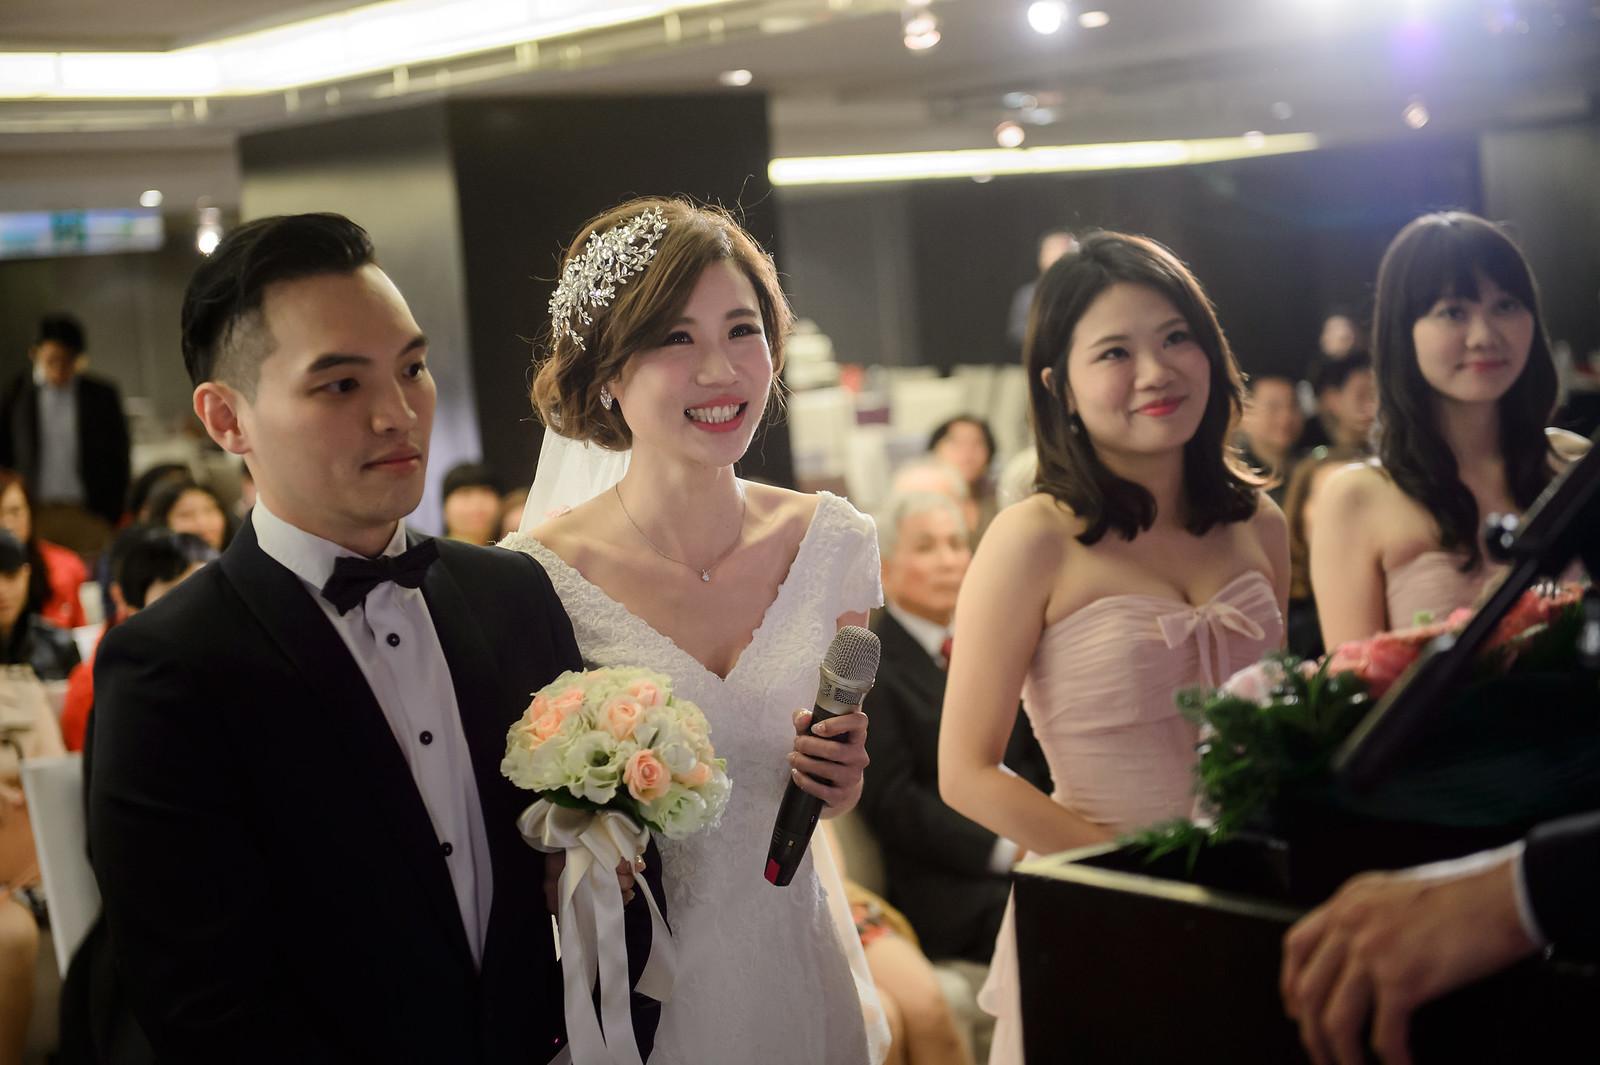 台北婚攝, 婚禮攝影, 婚攝, 婚攝守恆, 婚攝推薦, 晶華酒店, 晶華酒店婚宴, 晶華酒店婚攝-40